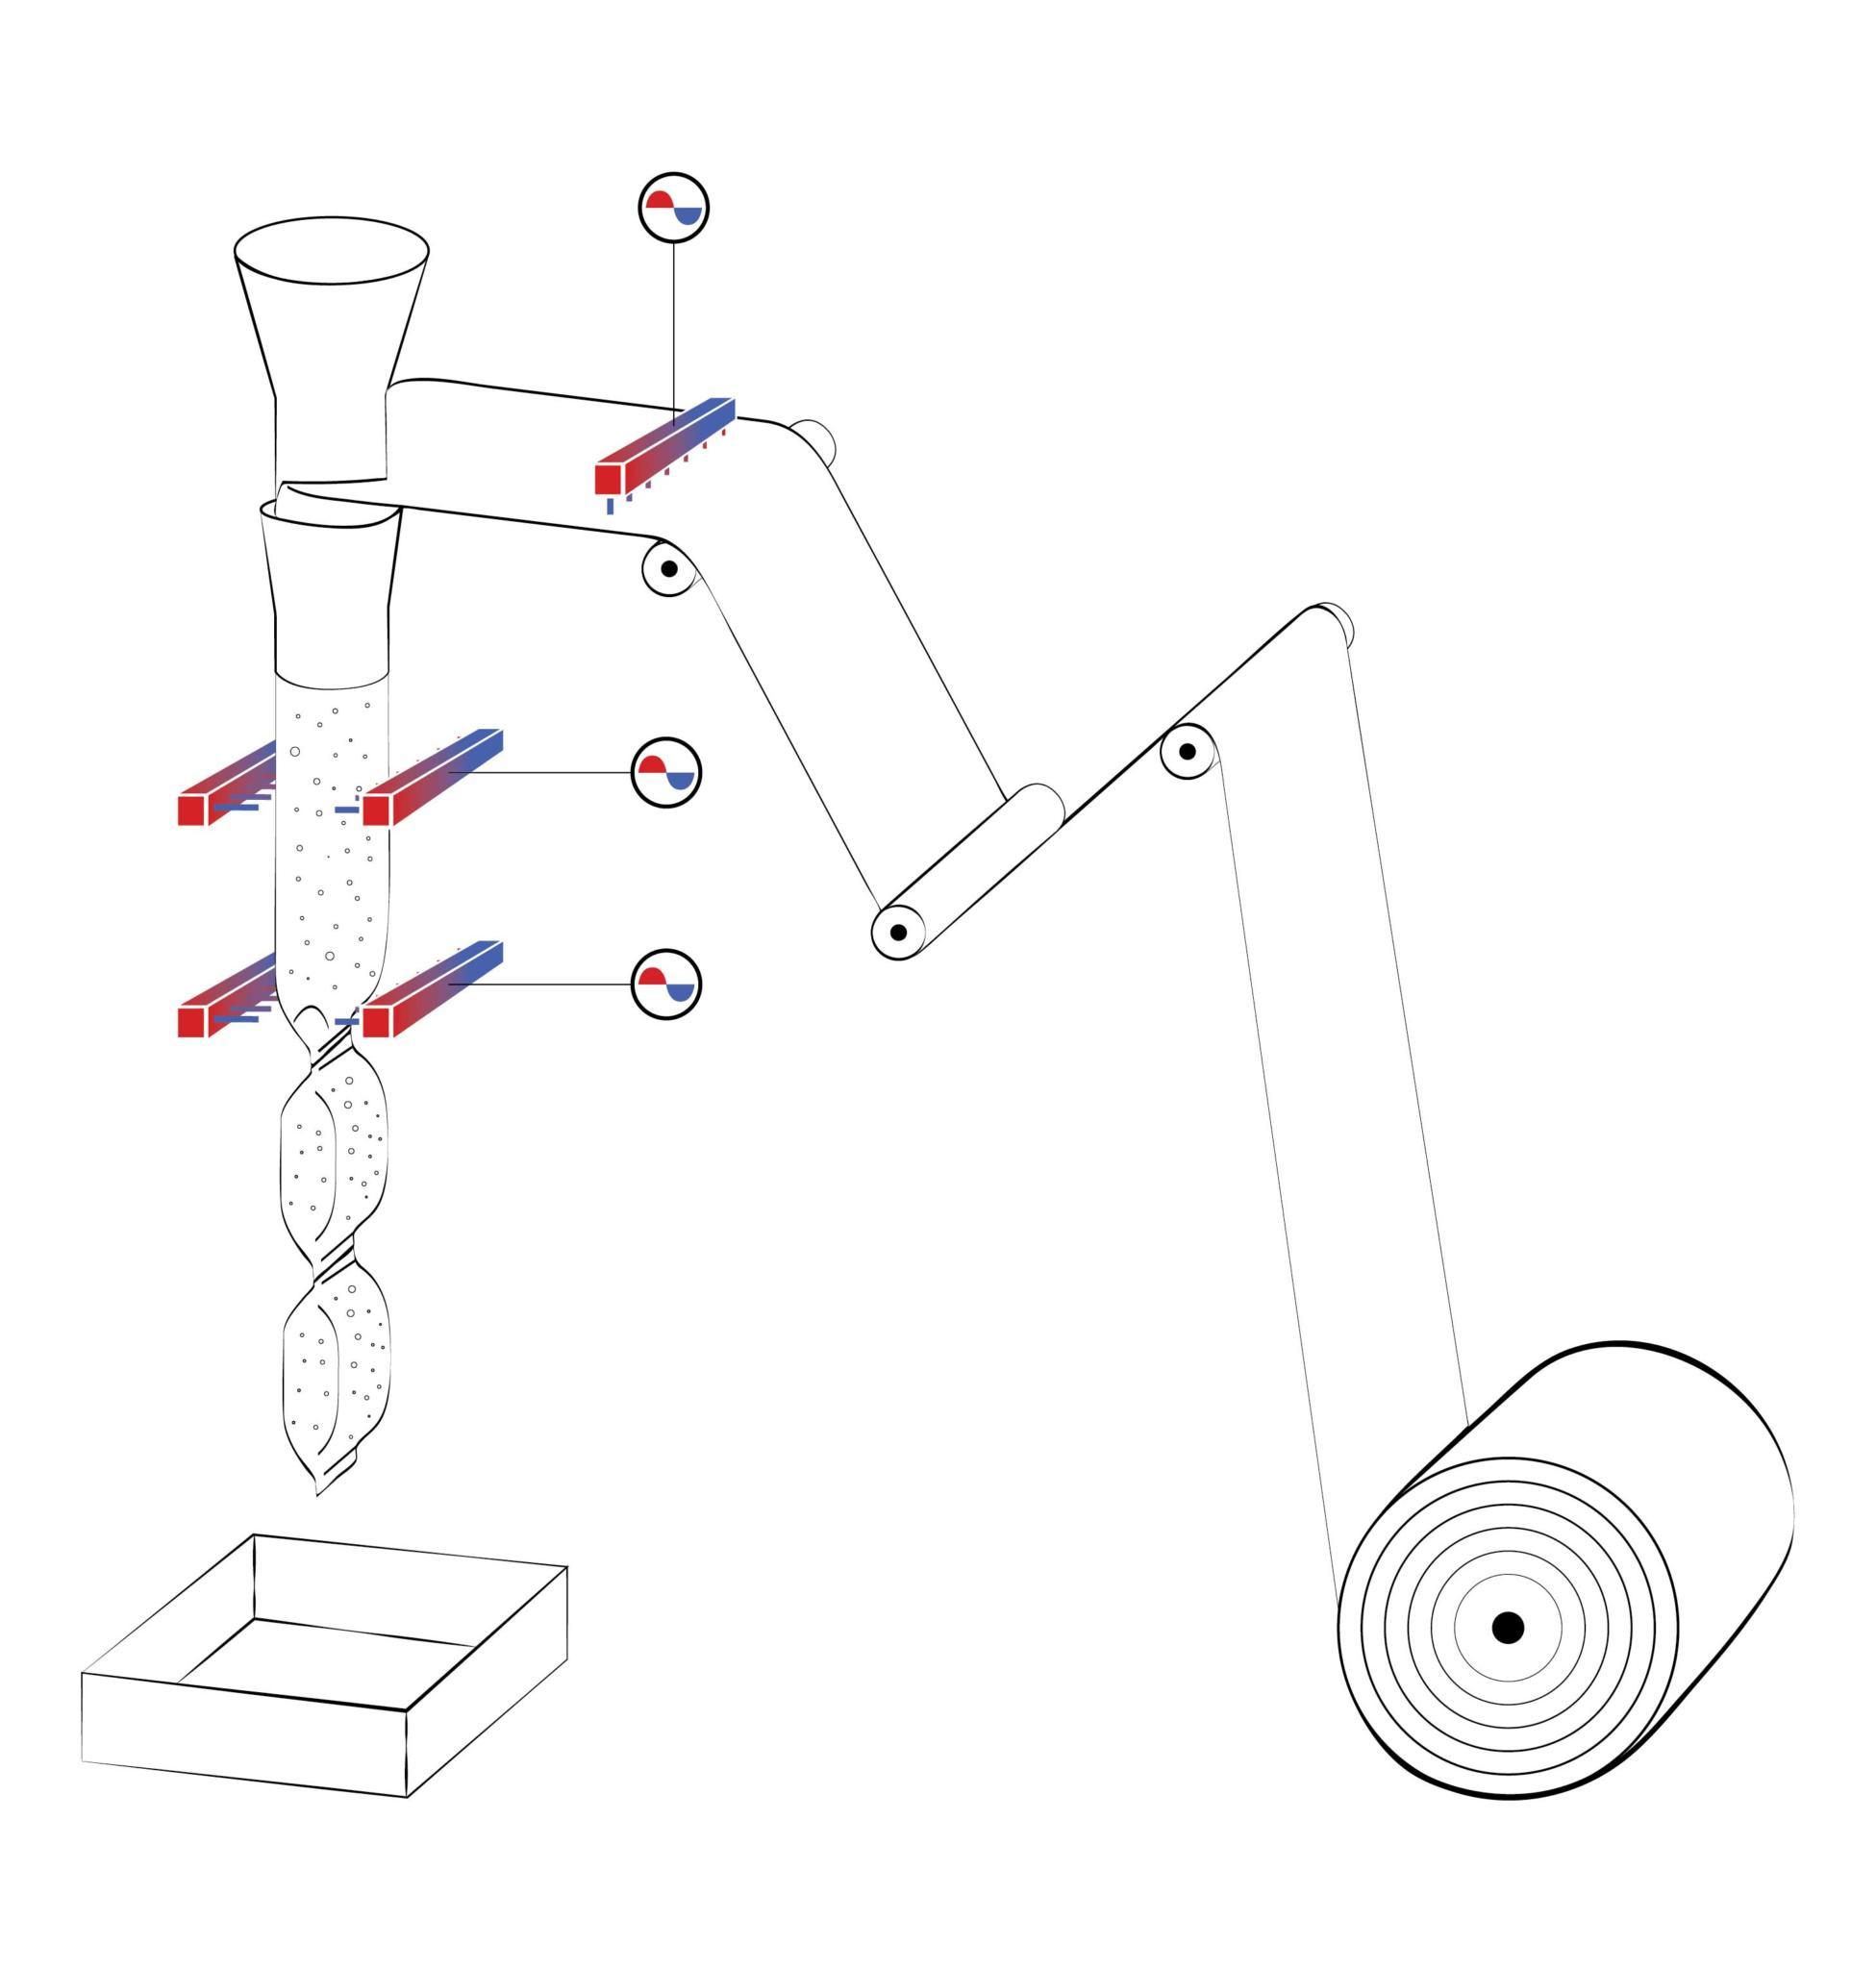 elettromeccanica bonato insacchettatrice verticale - packaging